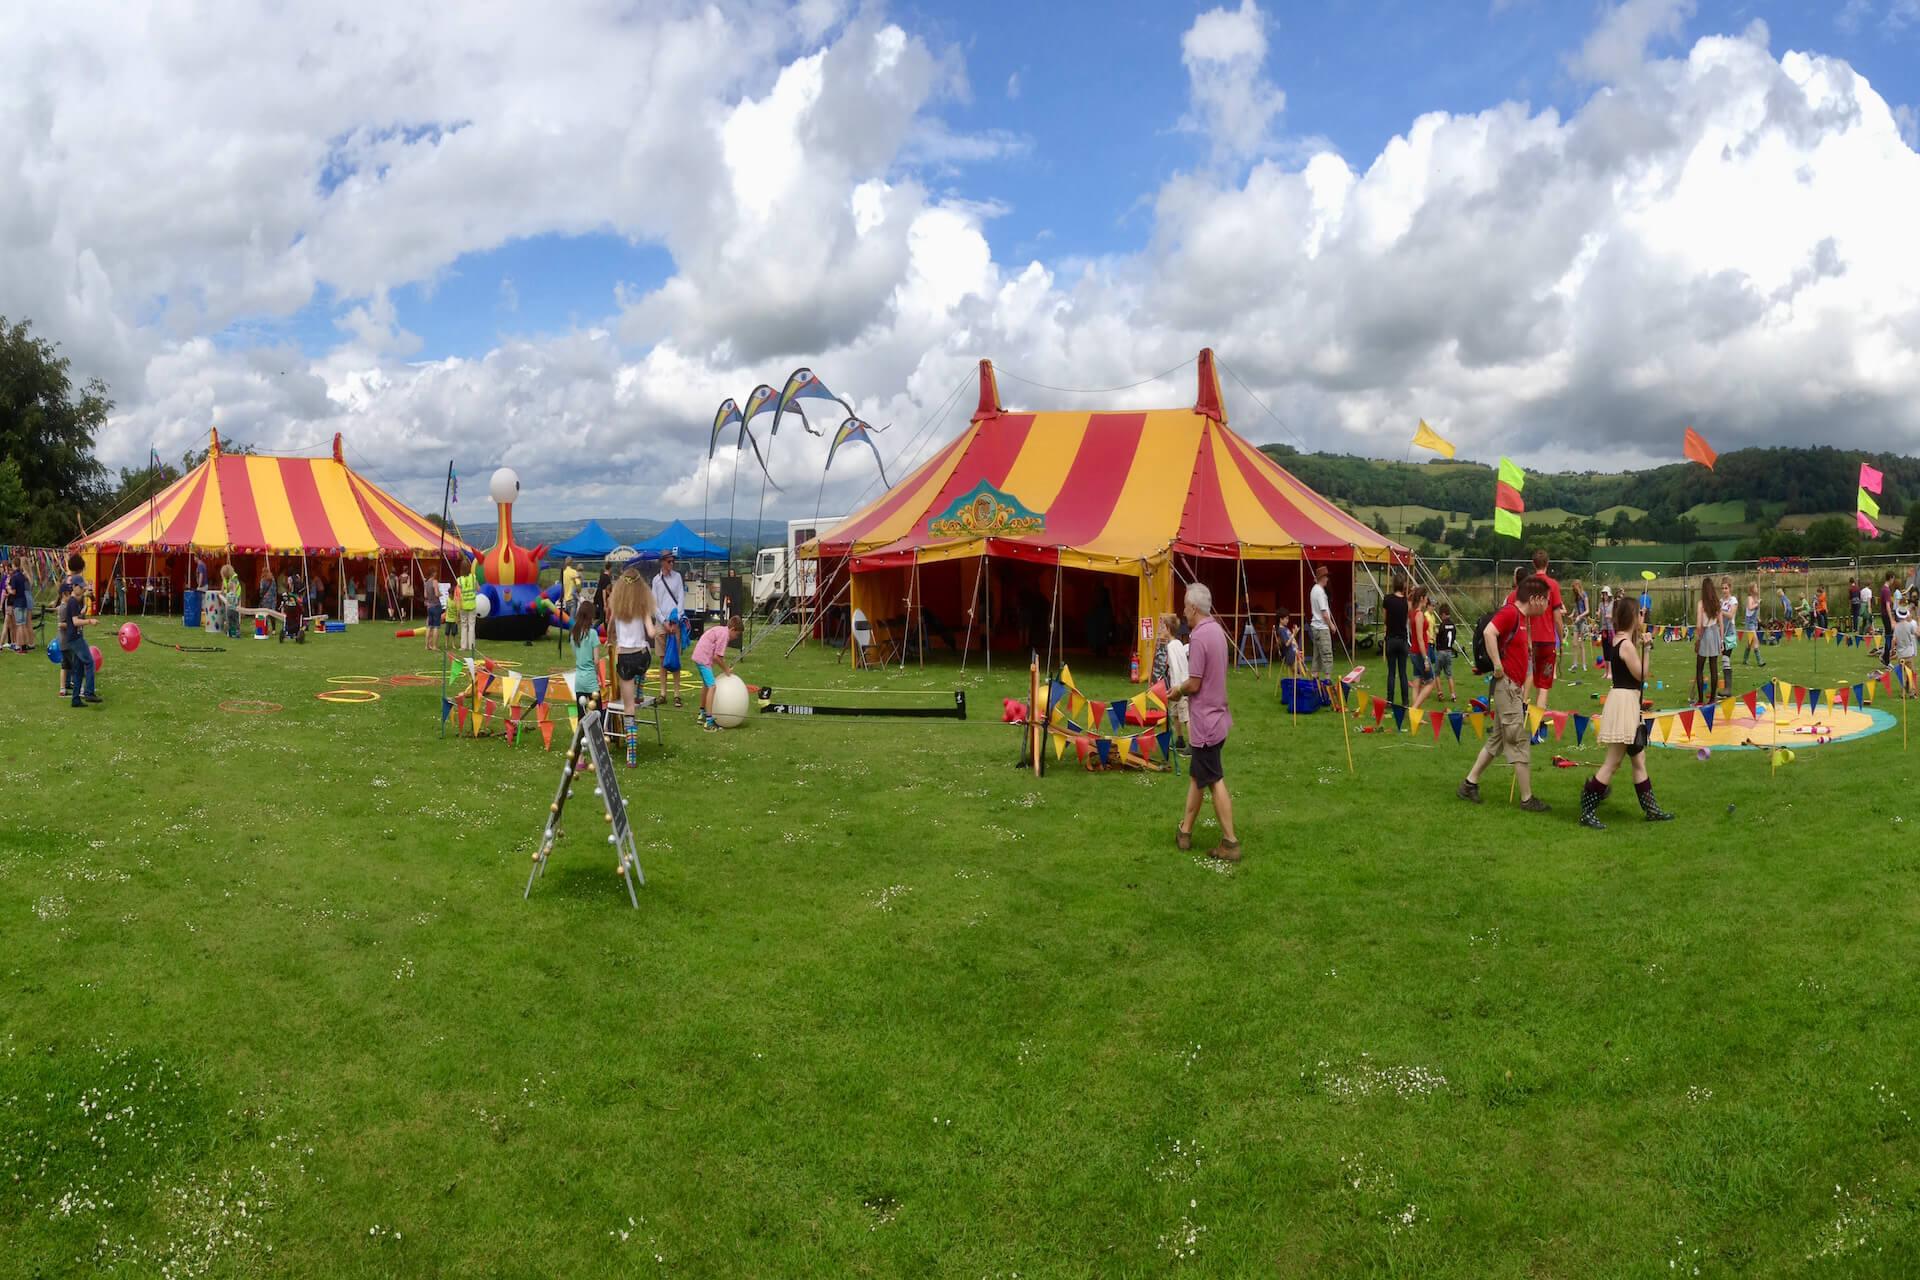 Nibley festival marquees